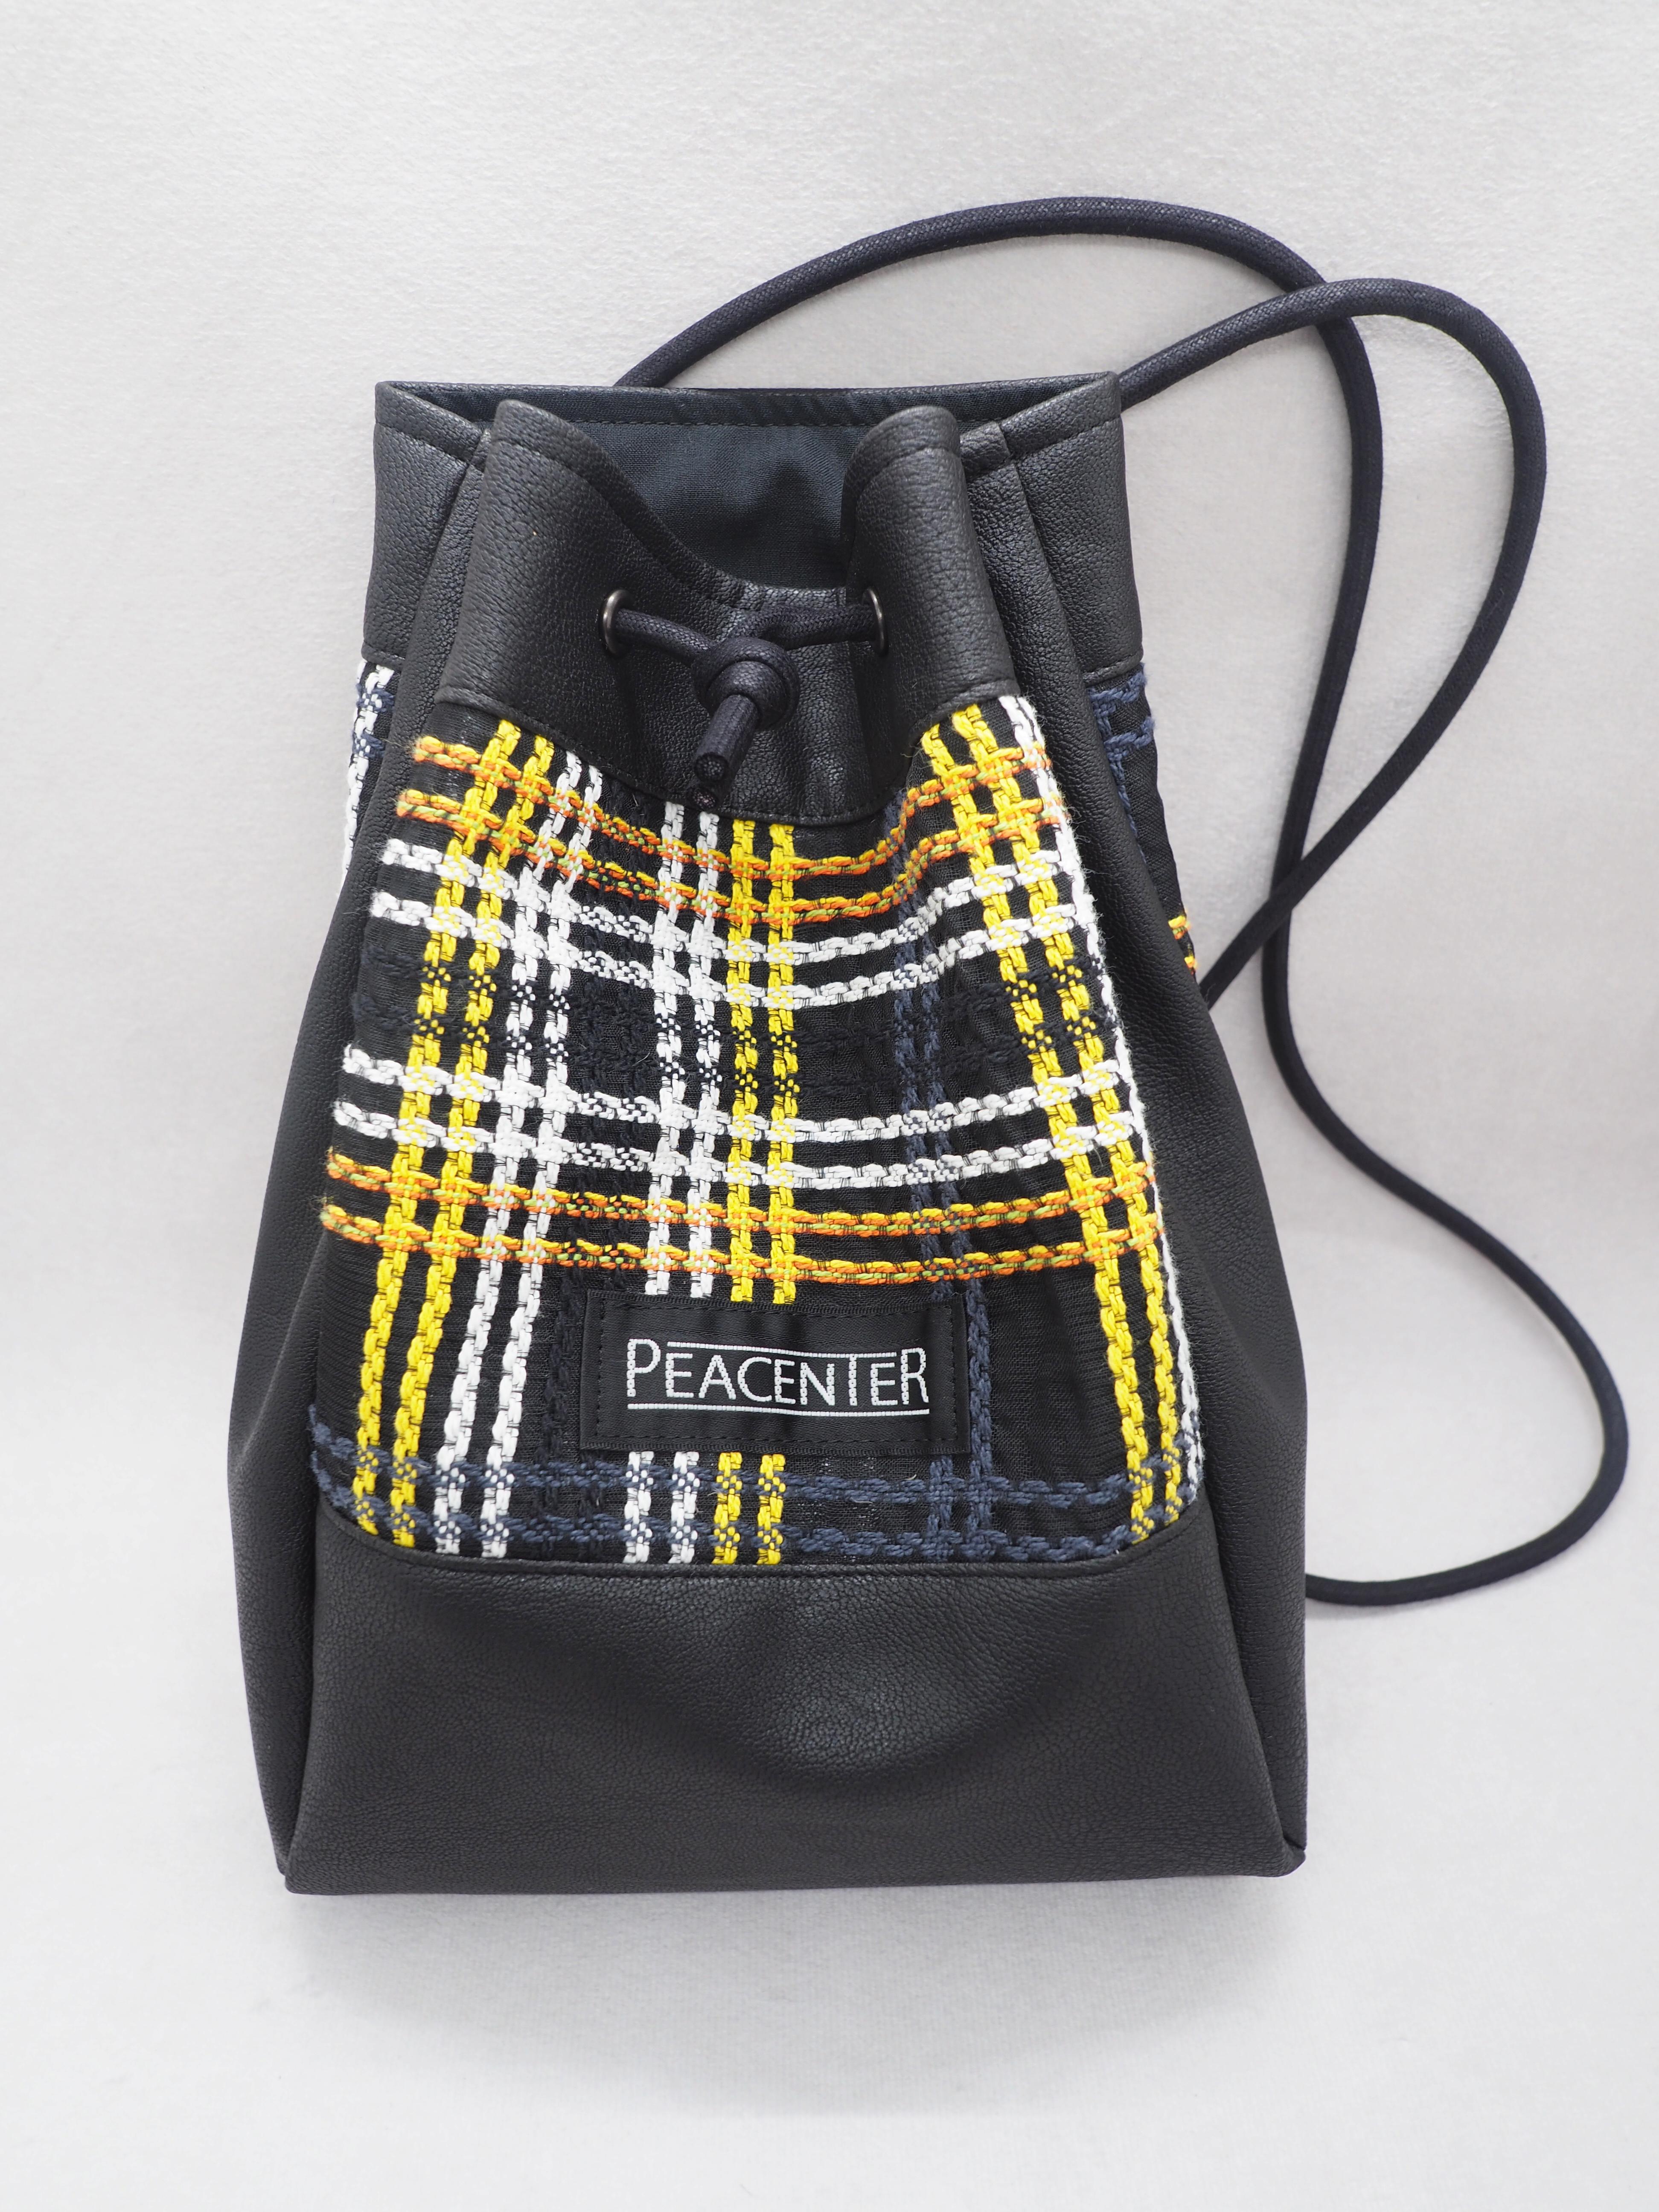 yellowチェック生地 巾着型ミニバッグ